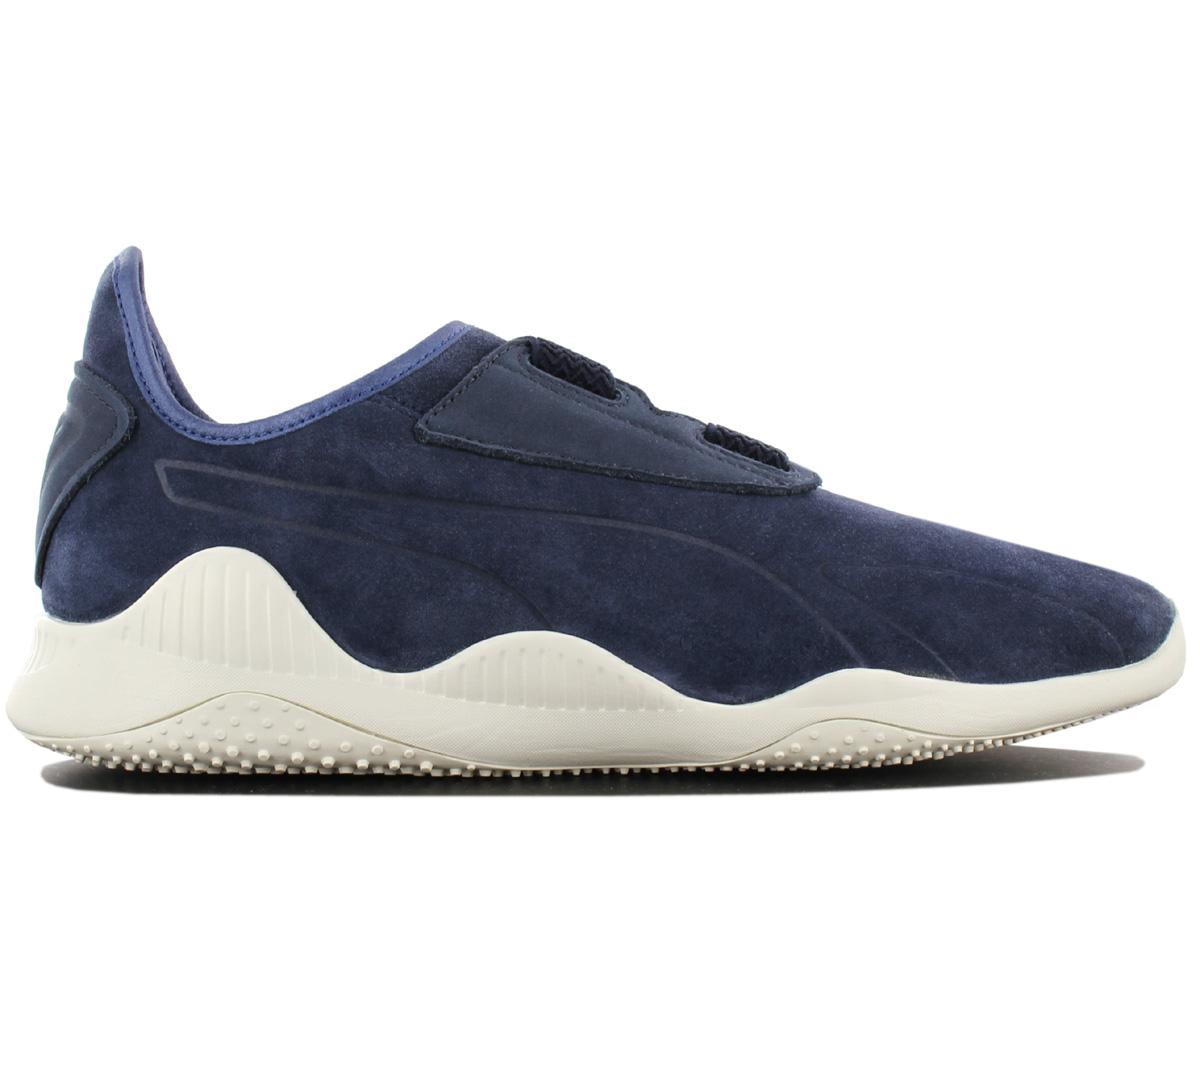 vente chaude en ligne 8fd8f bc139 Détails sur Puma Mostro Paris Sneaker Chaussures de Sport Hommes Femme Cuir  Bleu 363450-01